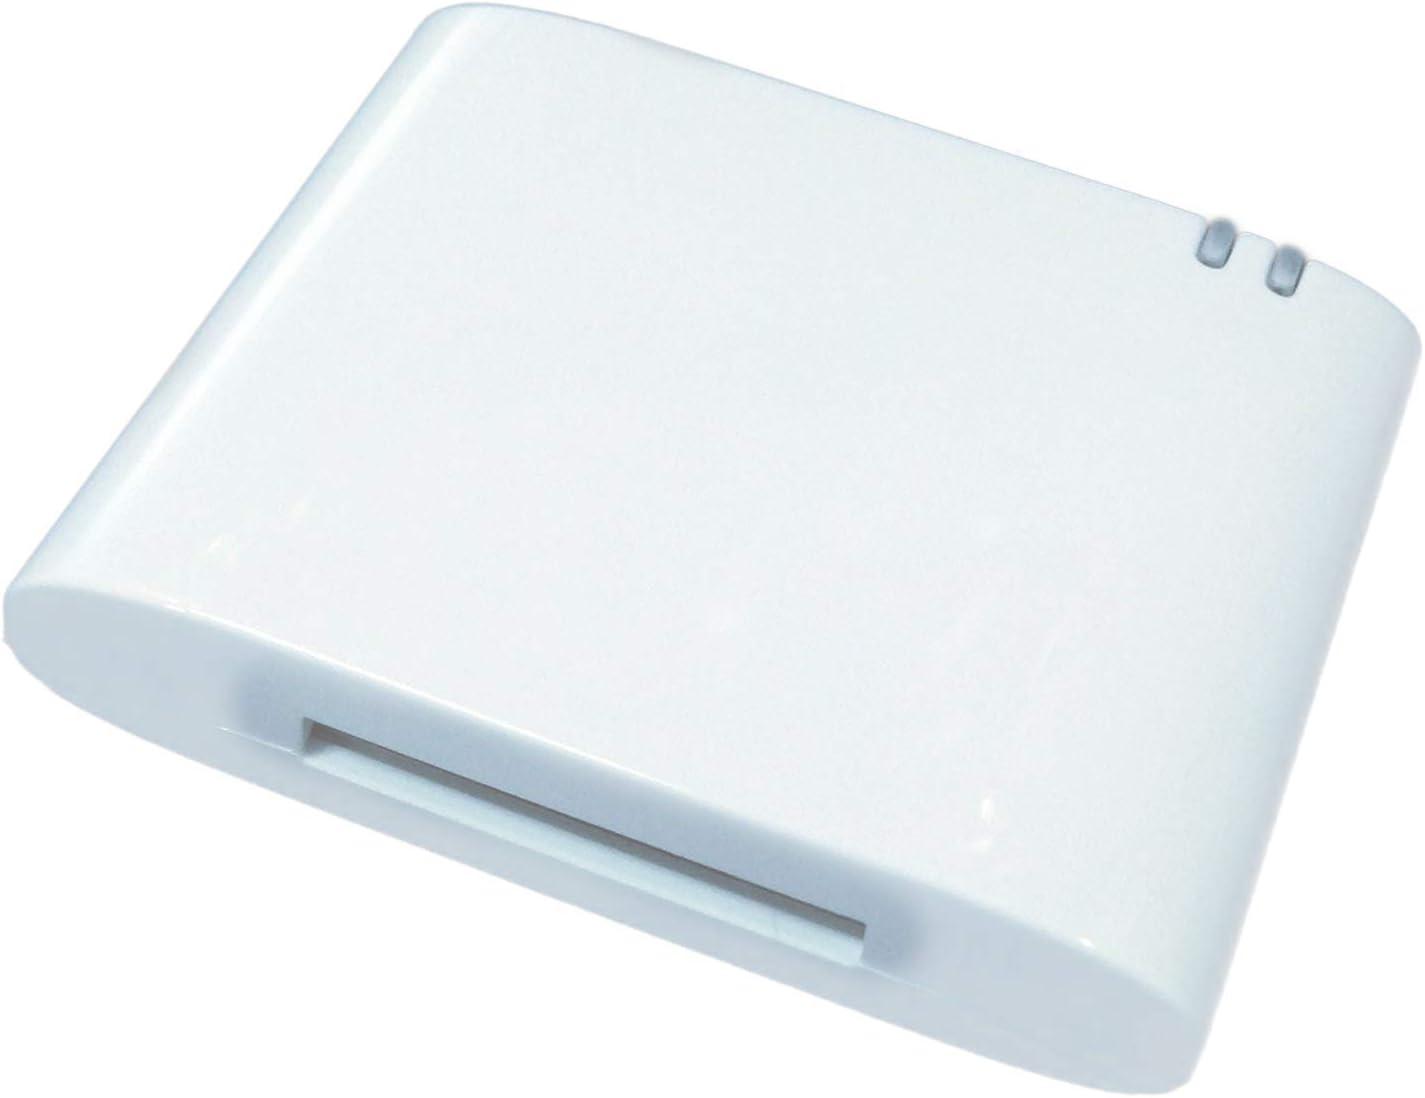 TOOGOO Adaptador Bluetooth 4.1 DE 30 Pines Receptor de Musica de Audio A2DP para Bose Sounddock y Altavoz de Base iPod iPhone DE 30 Pines (No es Compatible con ningun Coche) (Blanco)